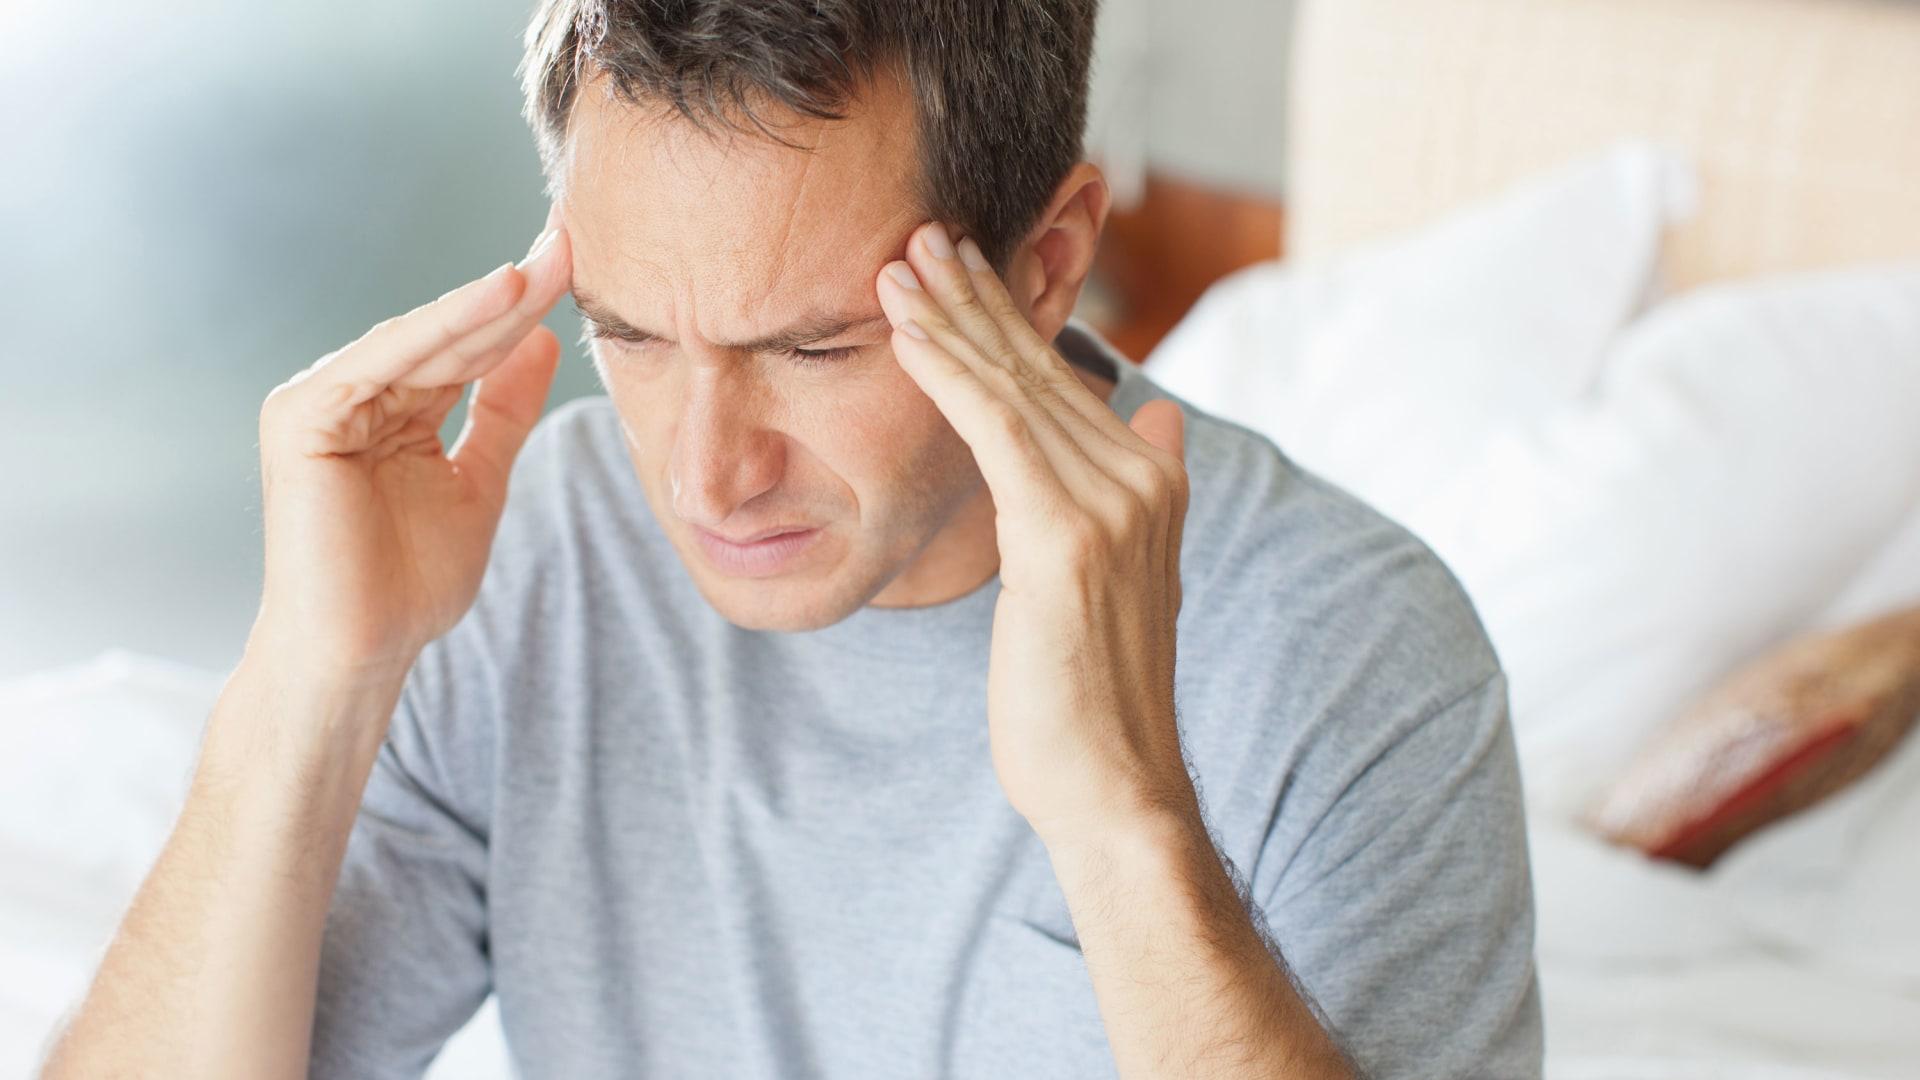 يعاني مليار شخص من هذه الحالة.. 5 أشياء قد لا تعرفها عن الصداع النصفي